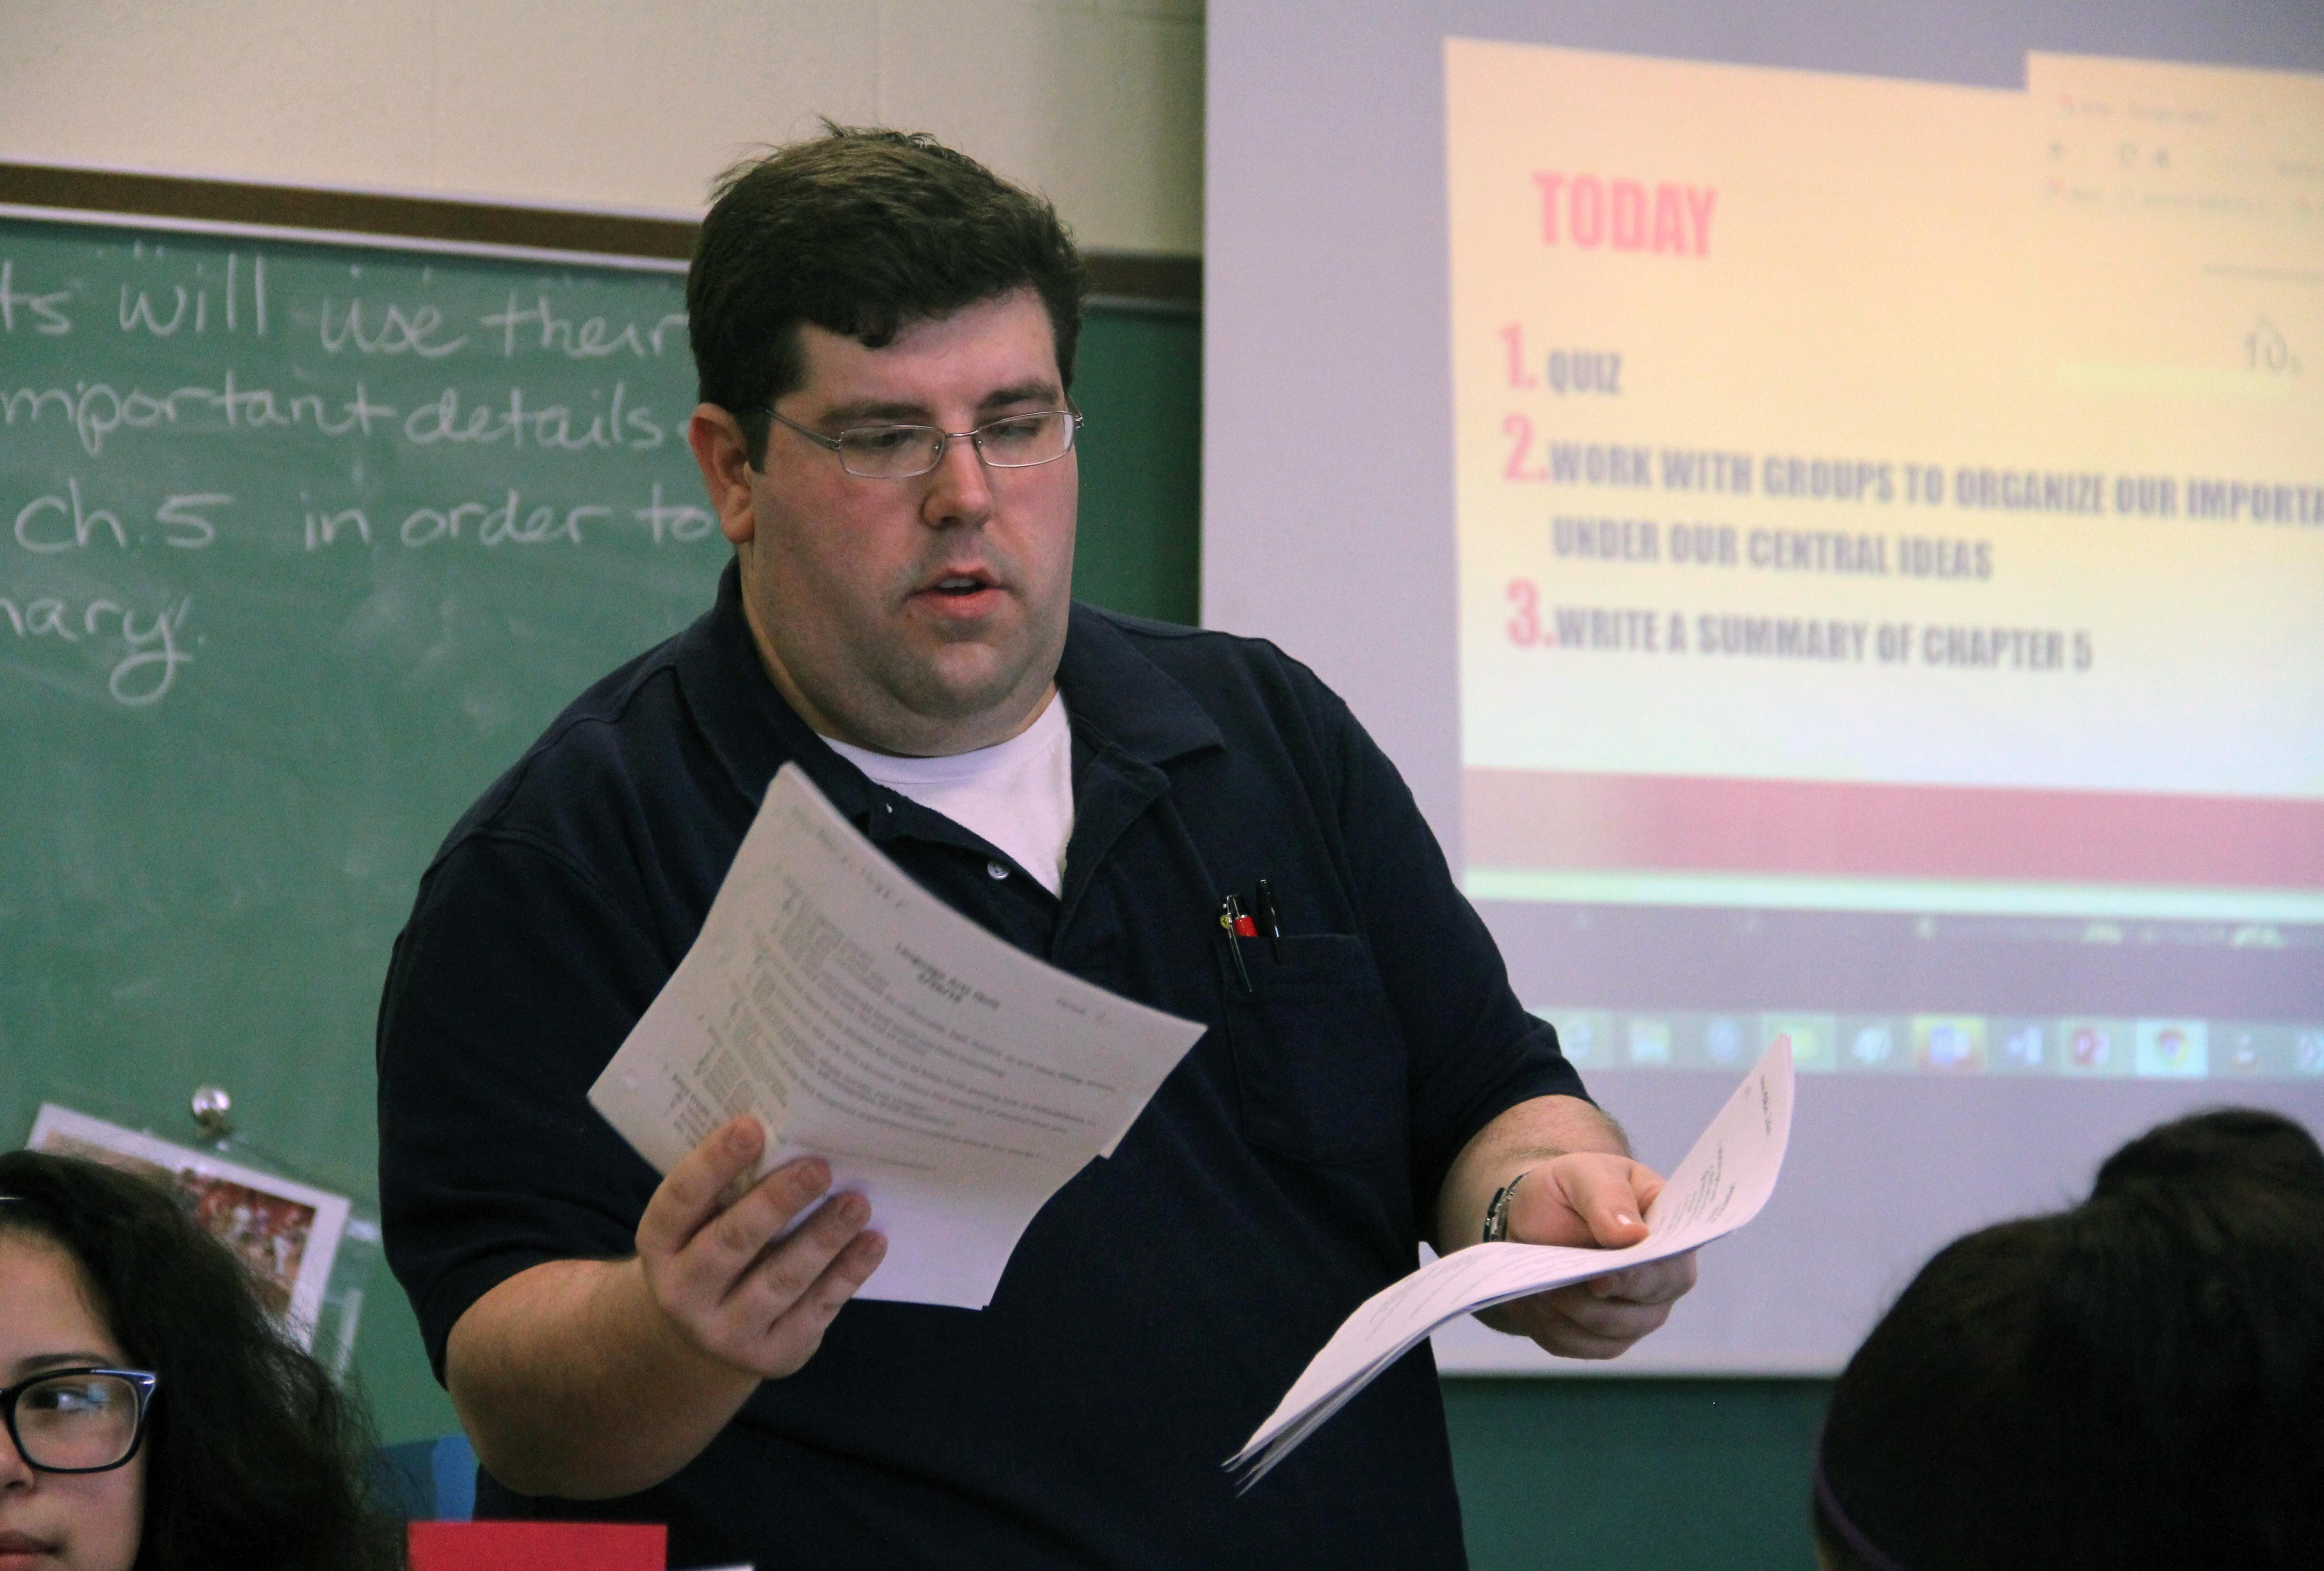 speech on if i were a teacher